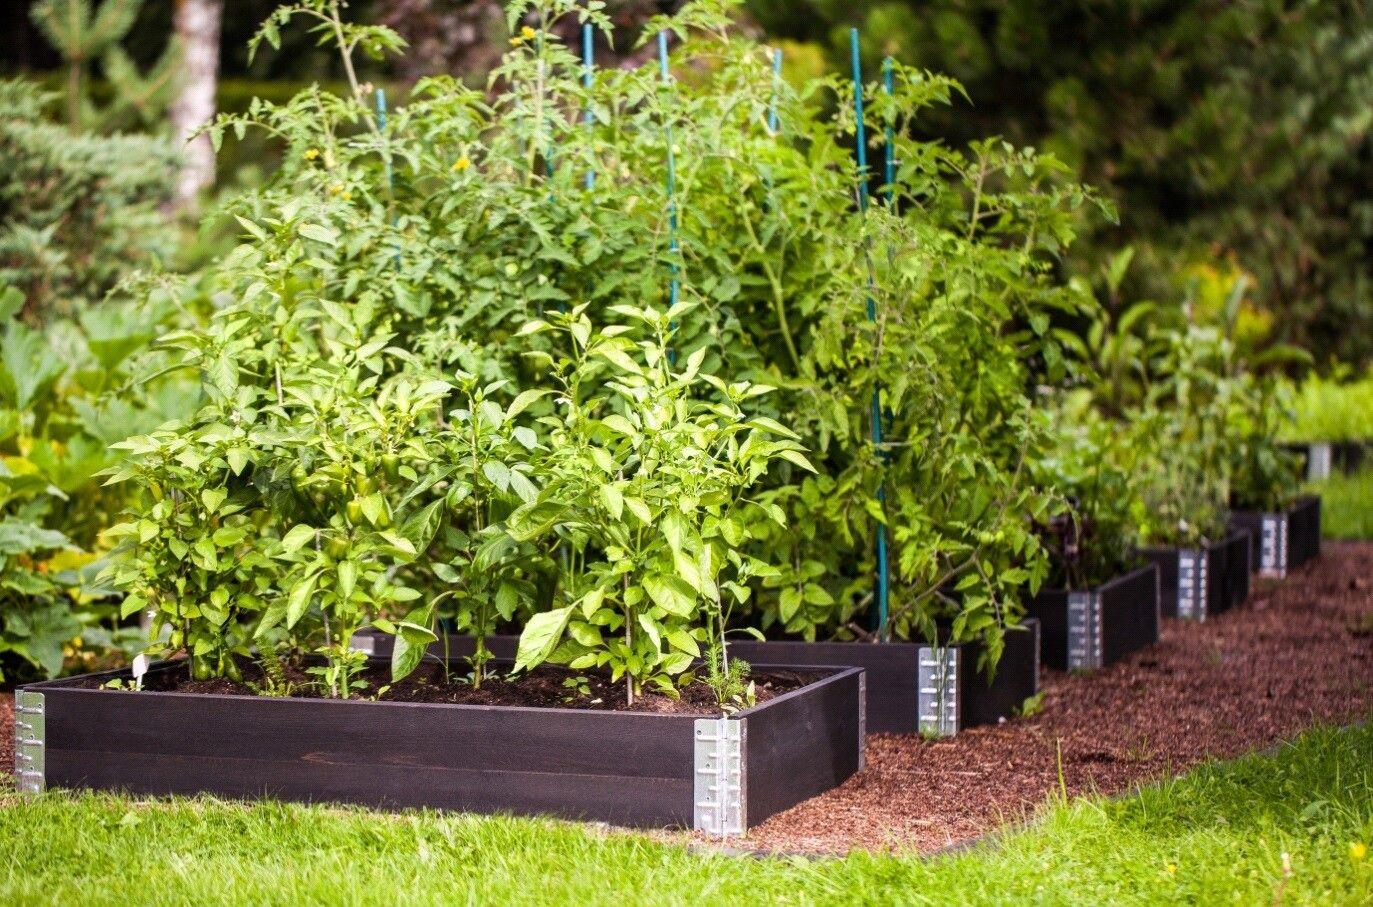 Hochbeet Schwarz Kit Max In 2020 Hochbeet Pflanzen Gartendesign Ideen